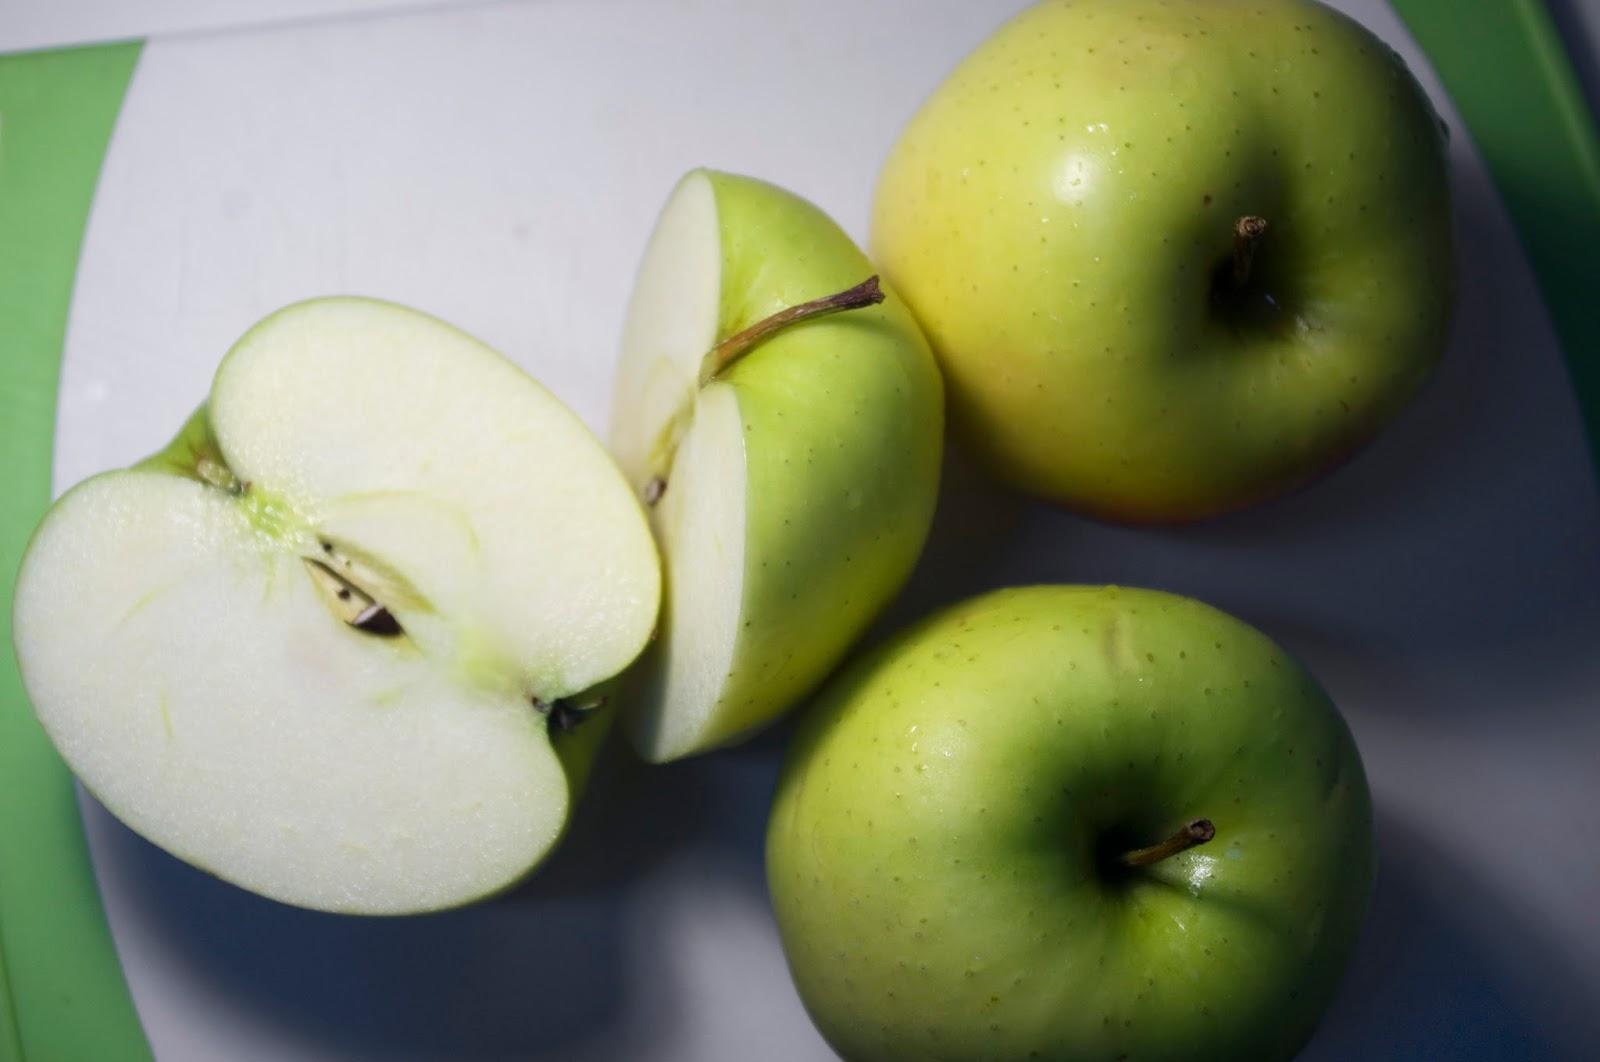 pelamos manzanas